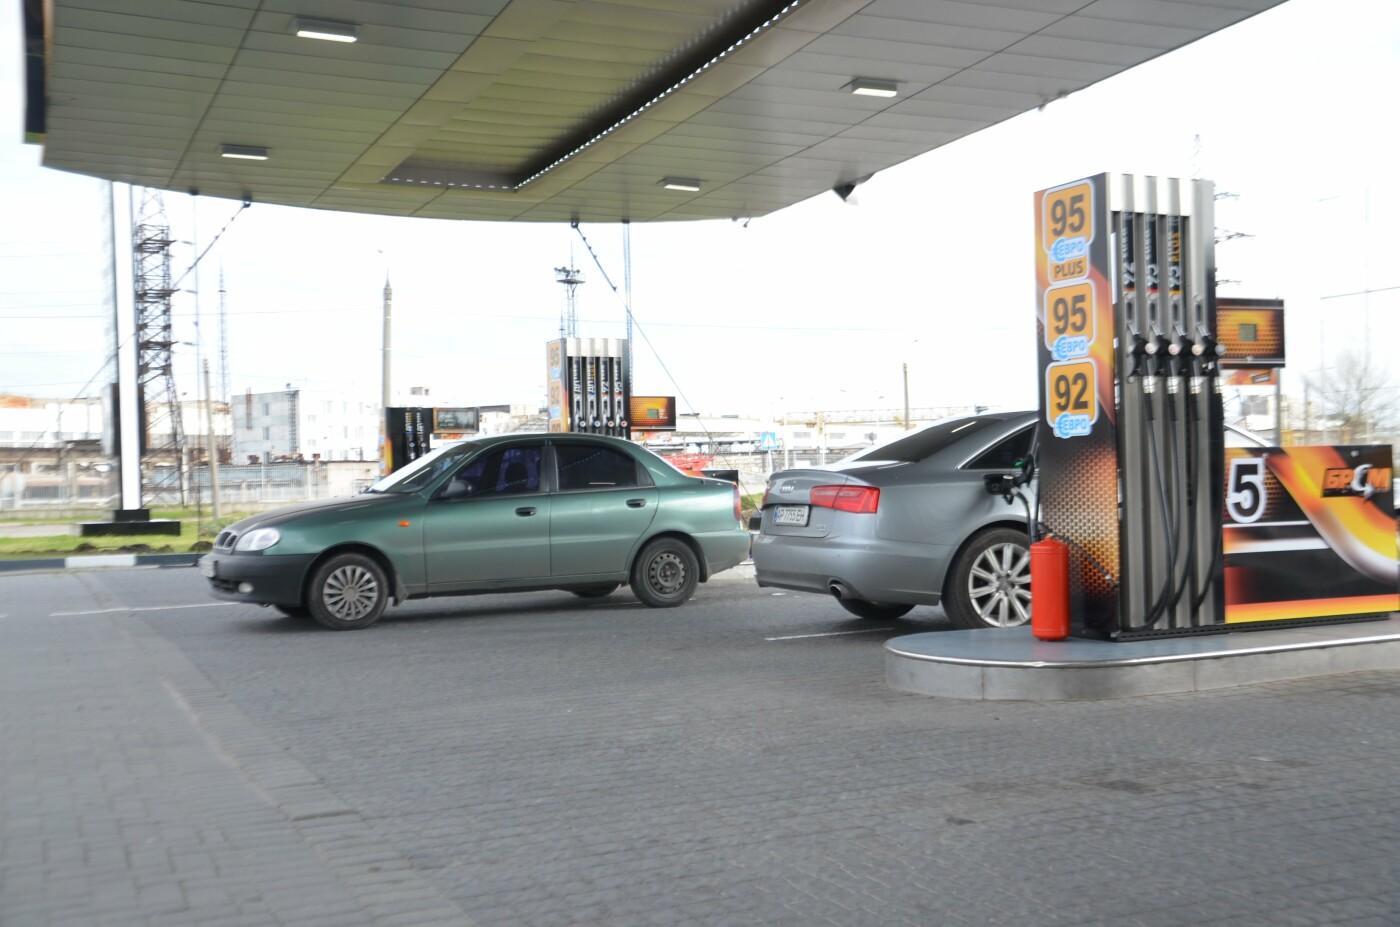 Отличный сервис, приятные цены и акции: в Запорожье открыли два новых автозаправочных комплекса БРСМ-Нафта, фото-33